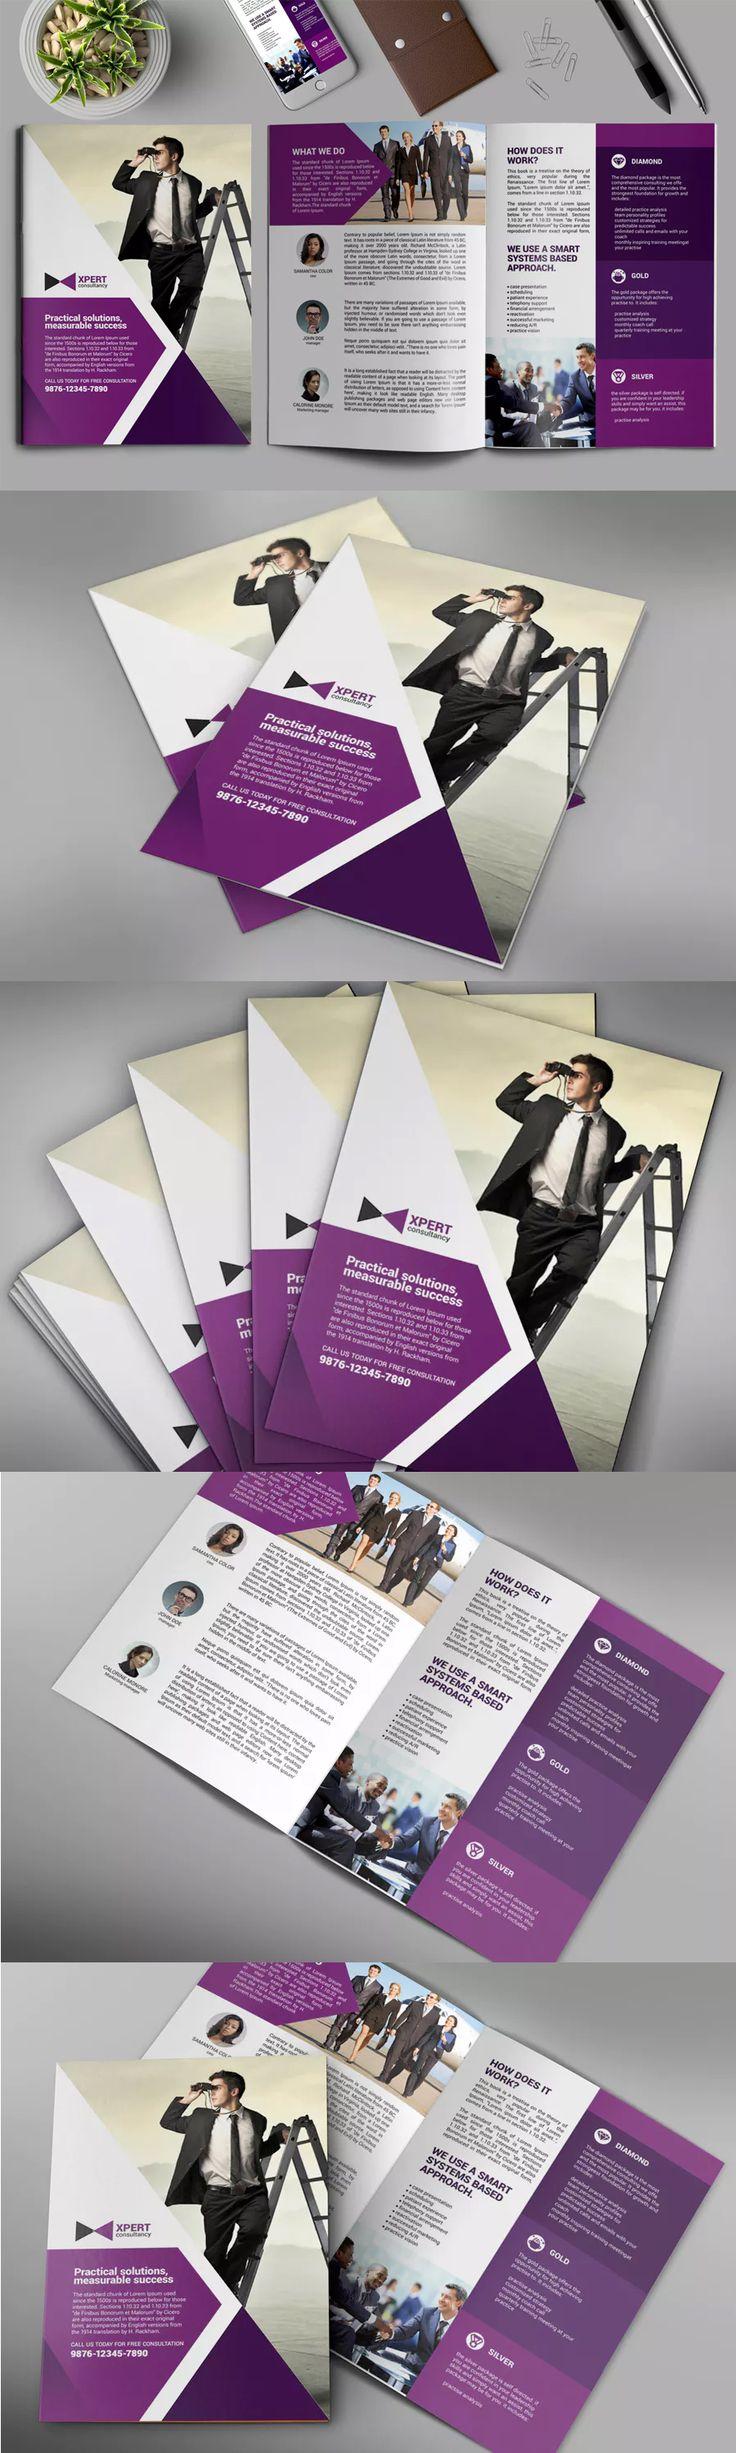 Bifold Brochure Template PSD A3